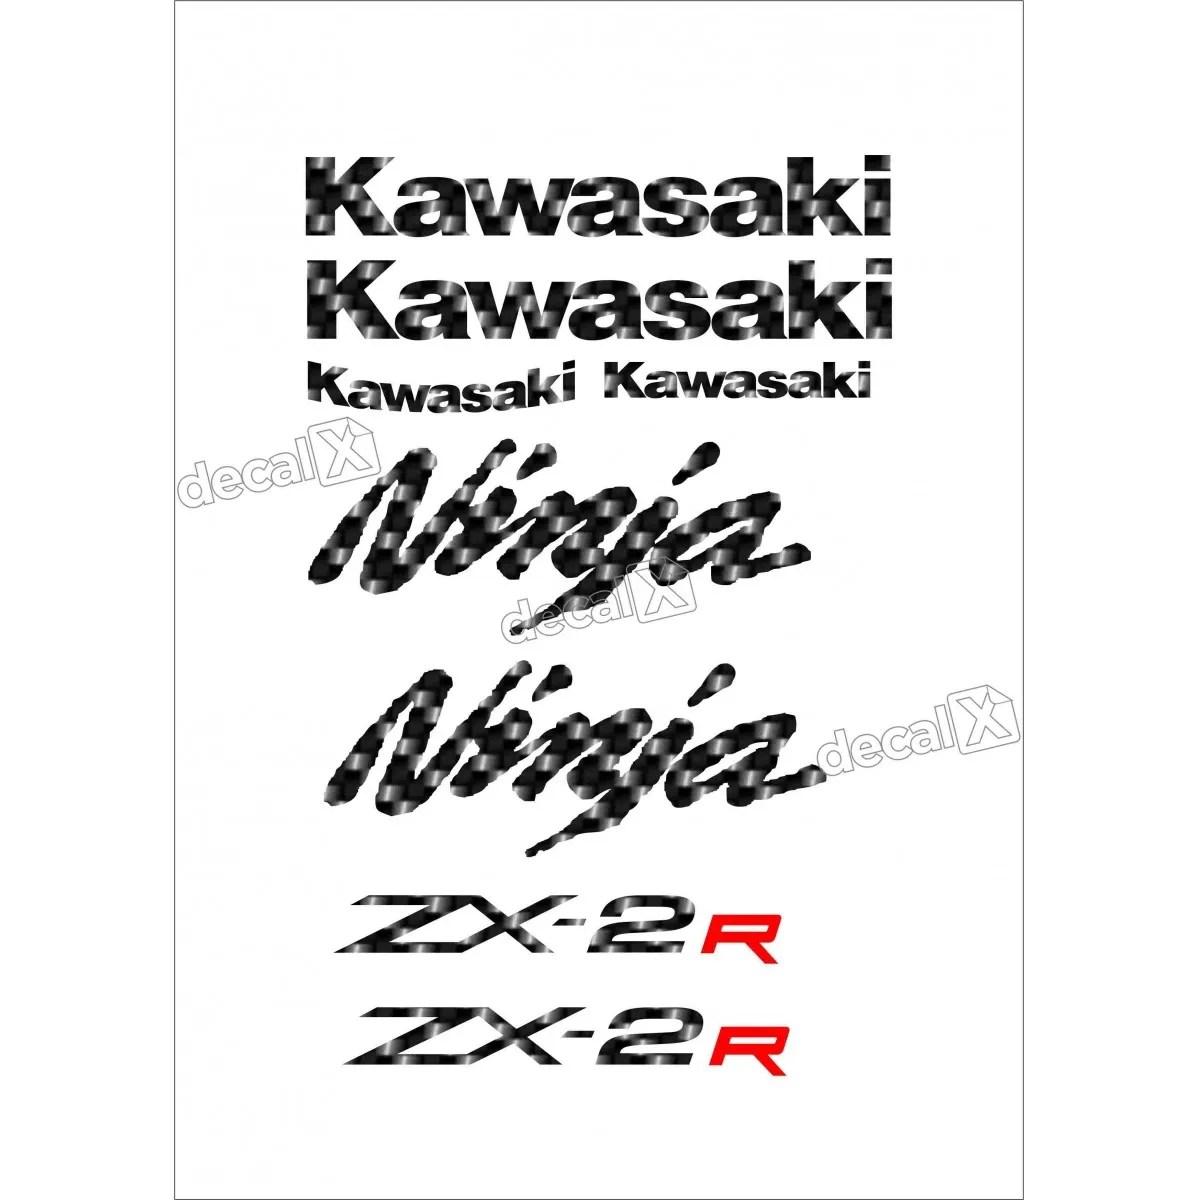 Jogo Faixa Emblema Adesivo Kawasaki Ninja 250r Ninja Zx 2r